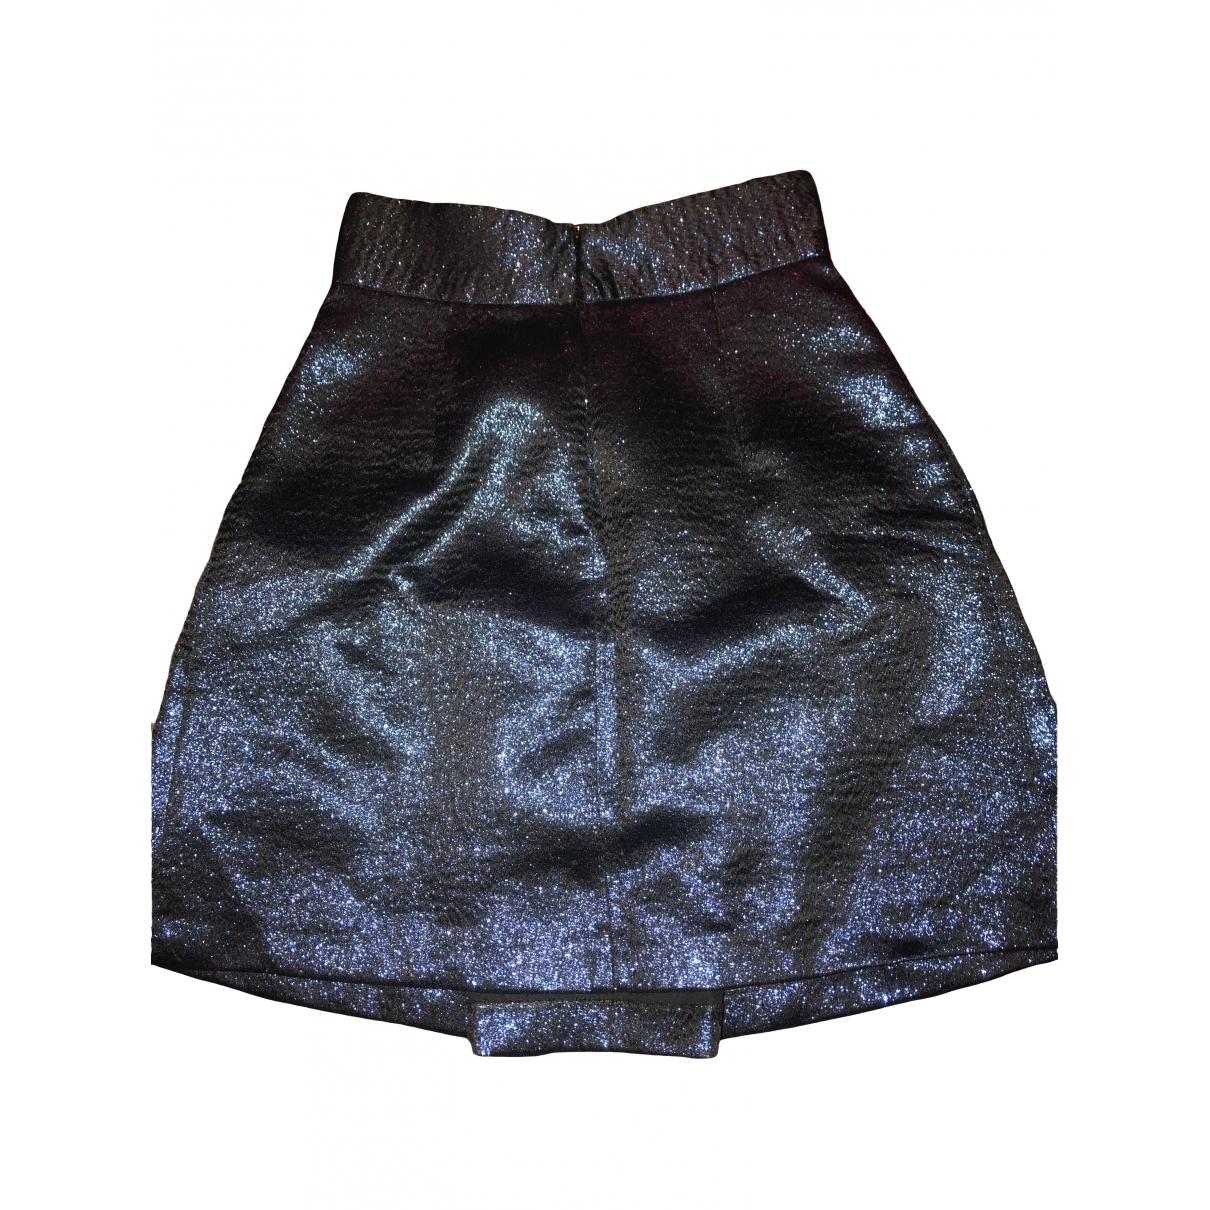 Zara - Jupe   pour femme en a paillettes - bleu